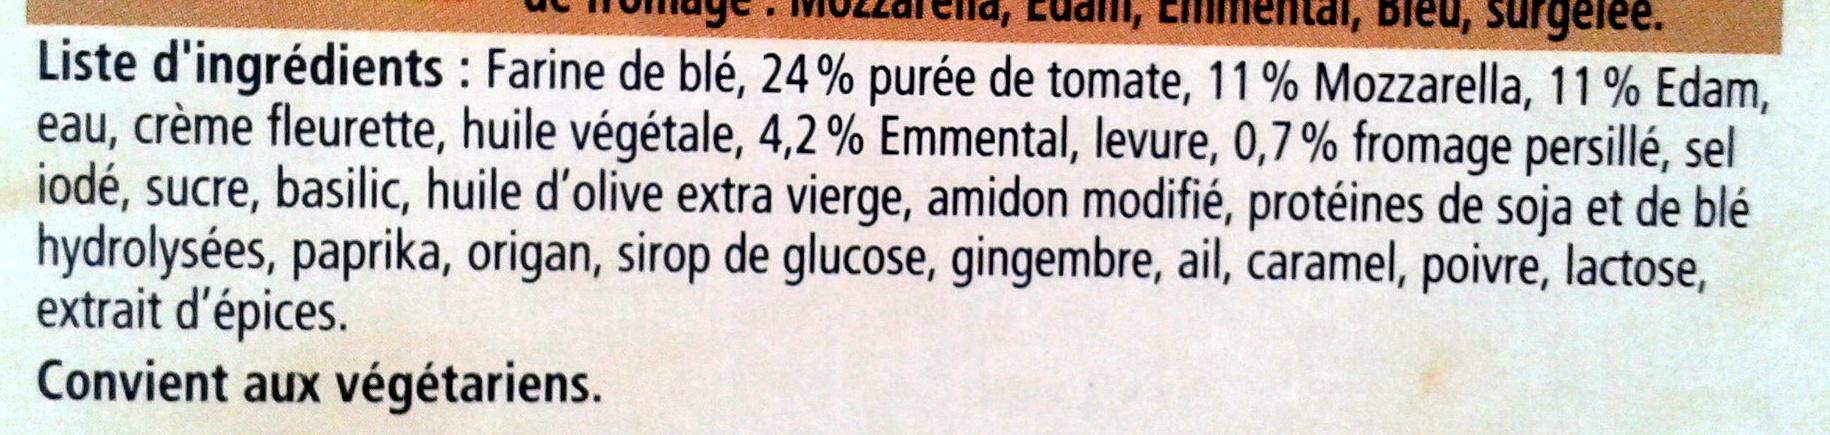 Ristorante pizza quattro fromaggi - Ingrediënten - fr